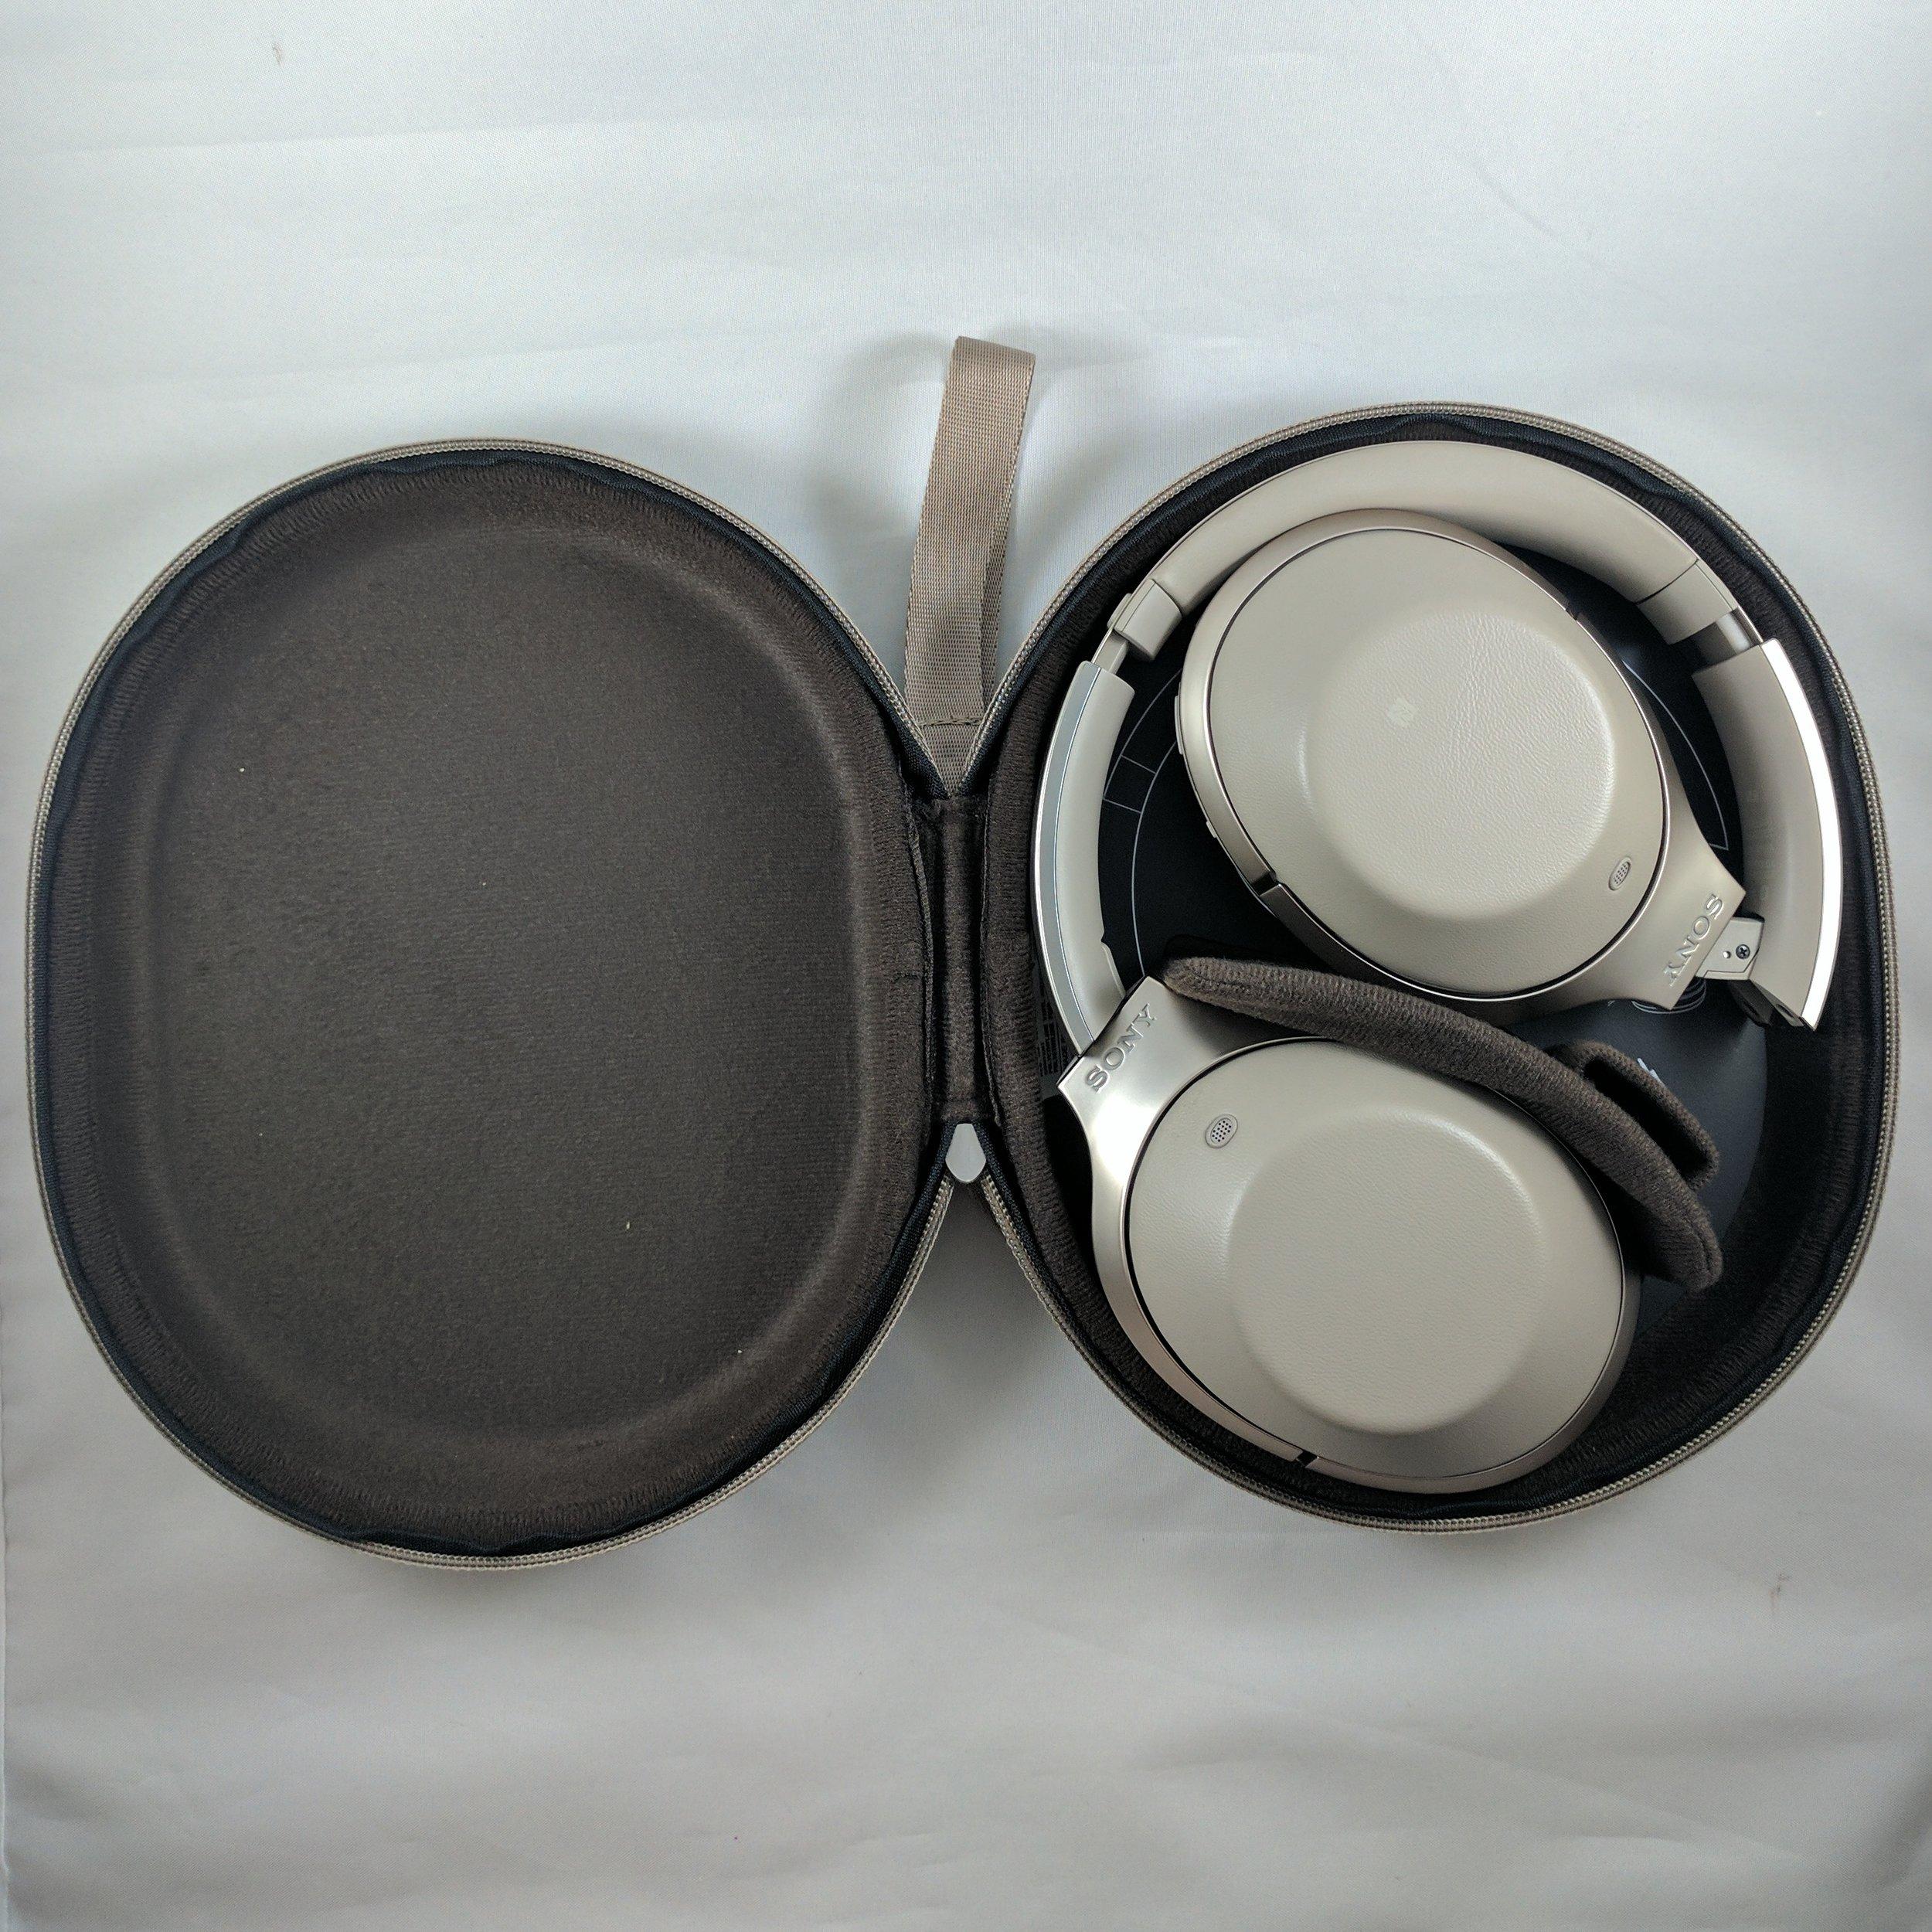 4 Headphones in Carrying Case.jpg